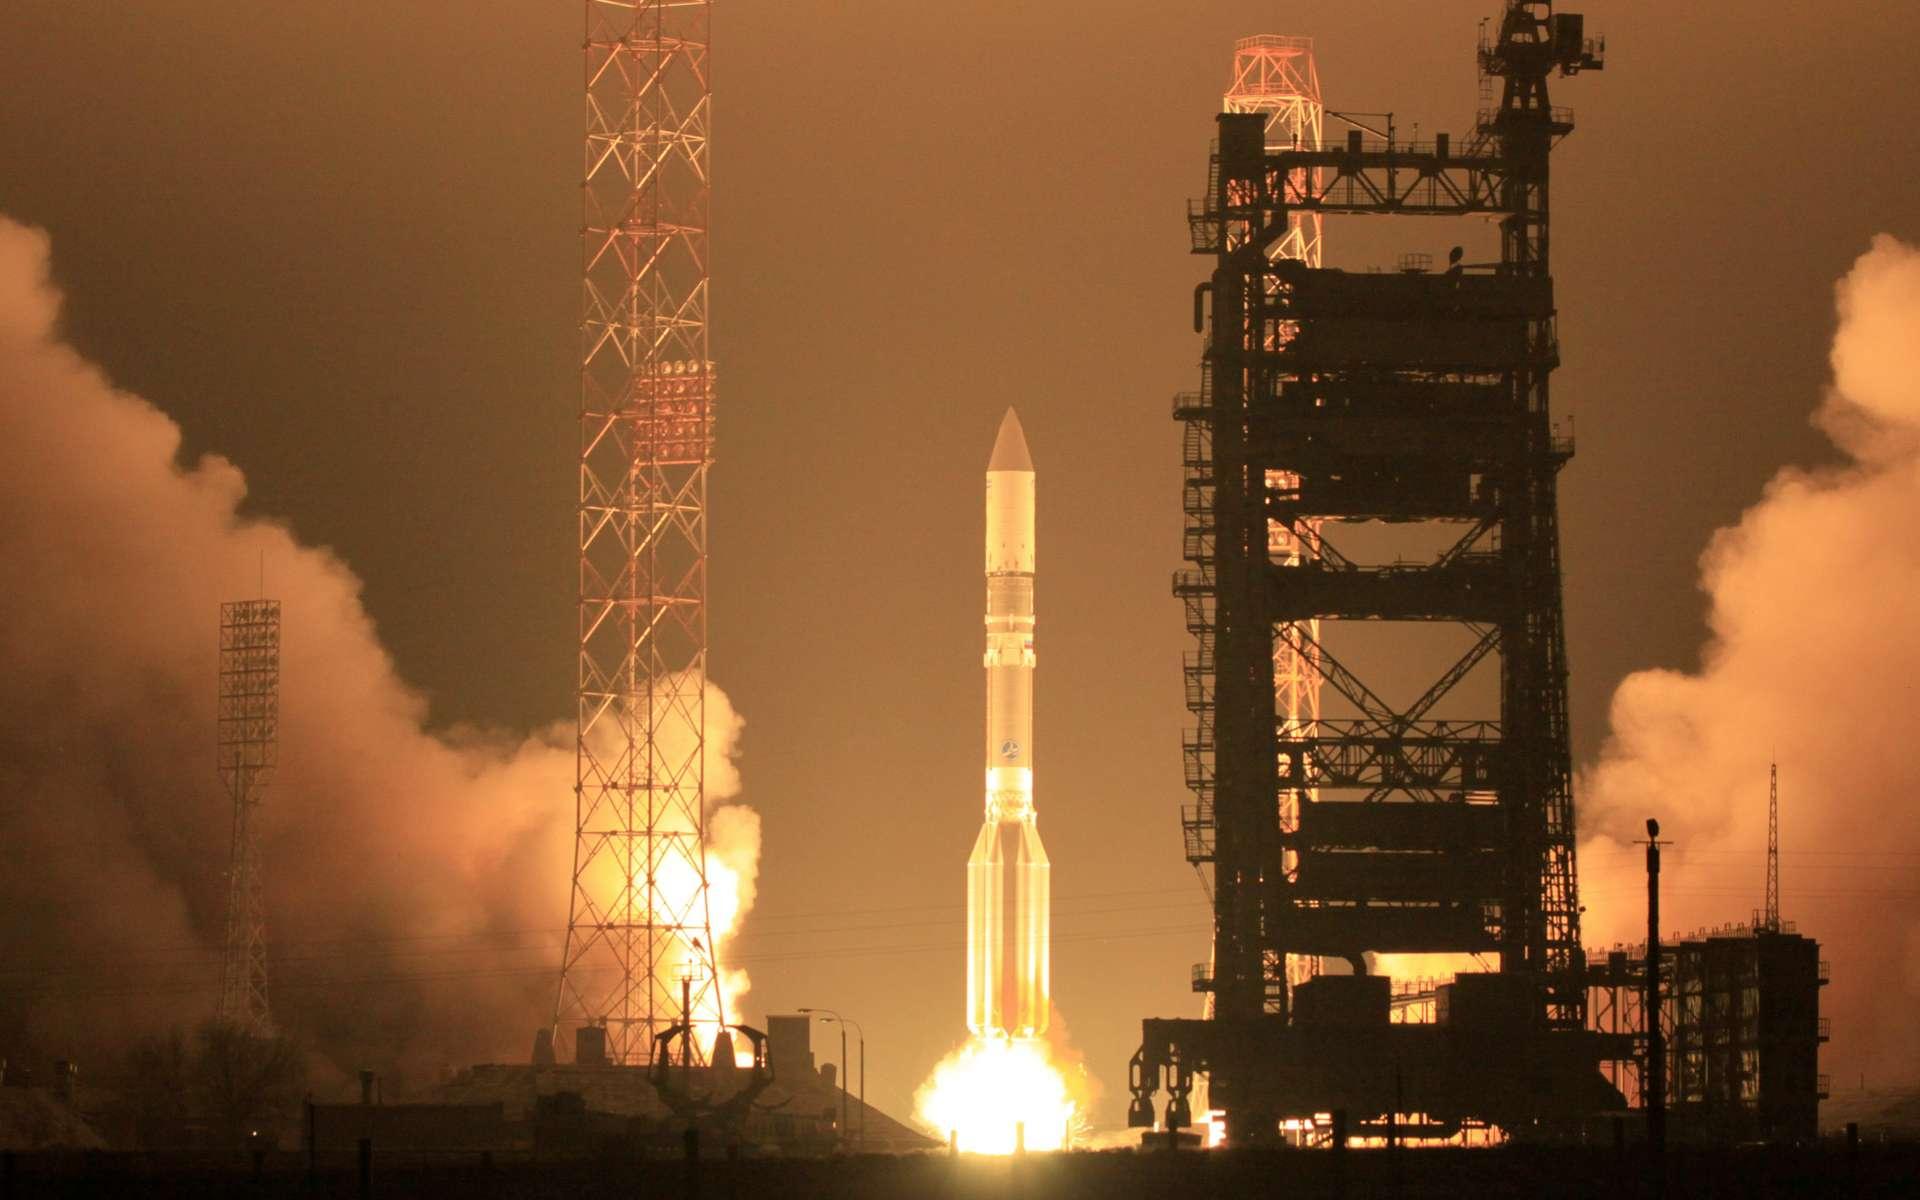 Décollage, samedi 8 décembre à 17 h 13 heure locale, du lanceur Proton du cosmodrome de Baïkonour. Plus tard, les responsables de la mission s'apercevront que le satellite a été placé sur une orbite trop basse. © International Launch Services